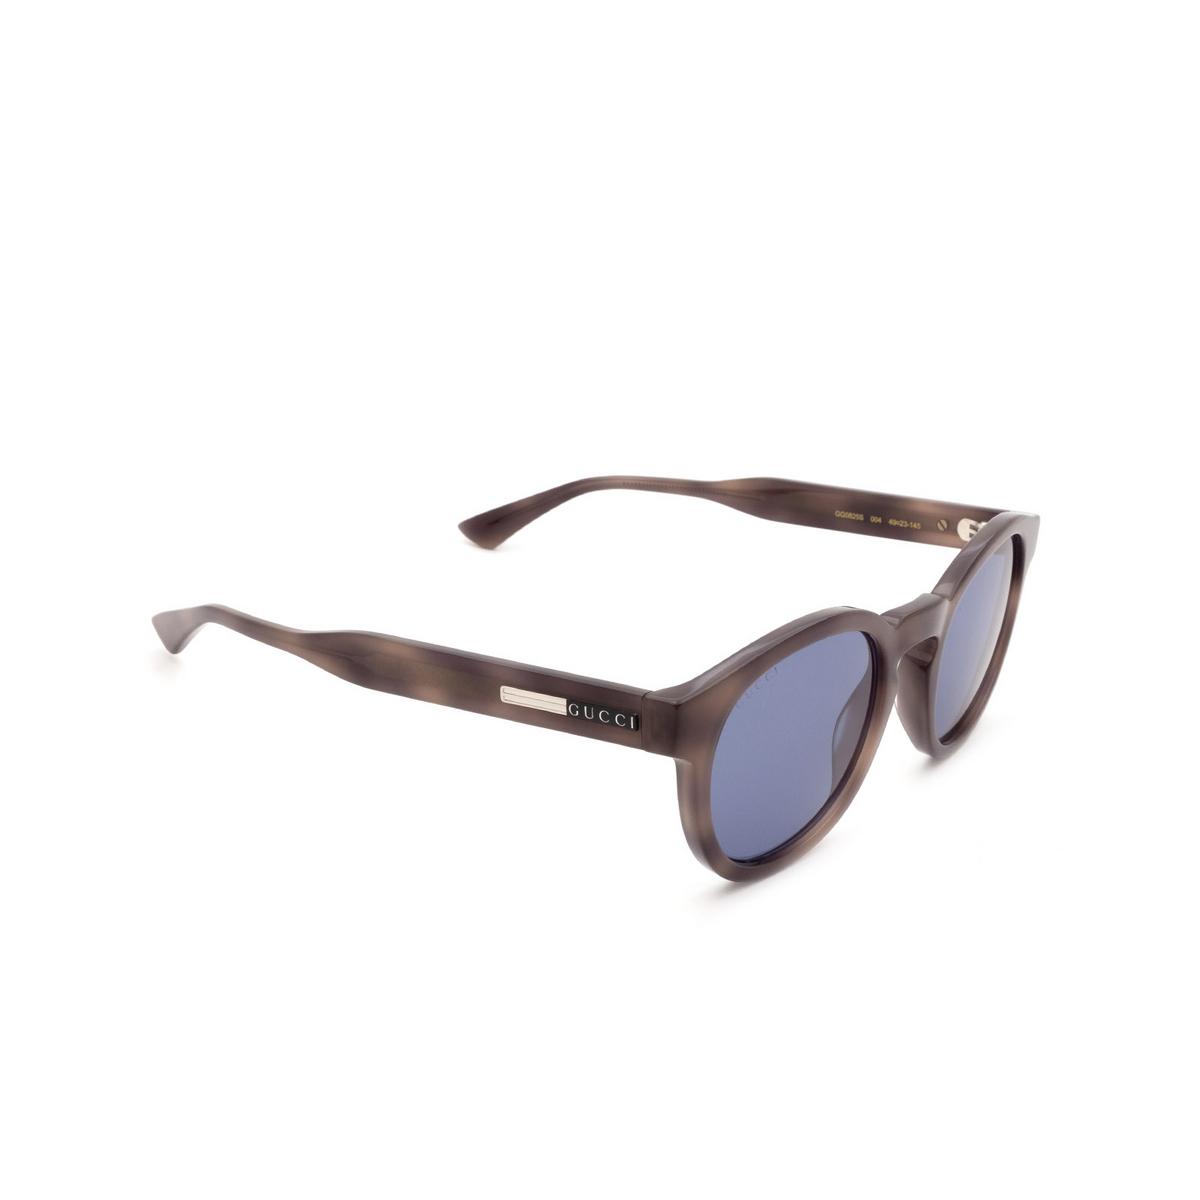 Gucci® Round Sunglasses: GG0825S color Havana 004 - 2/3.